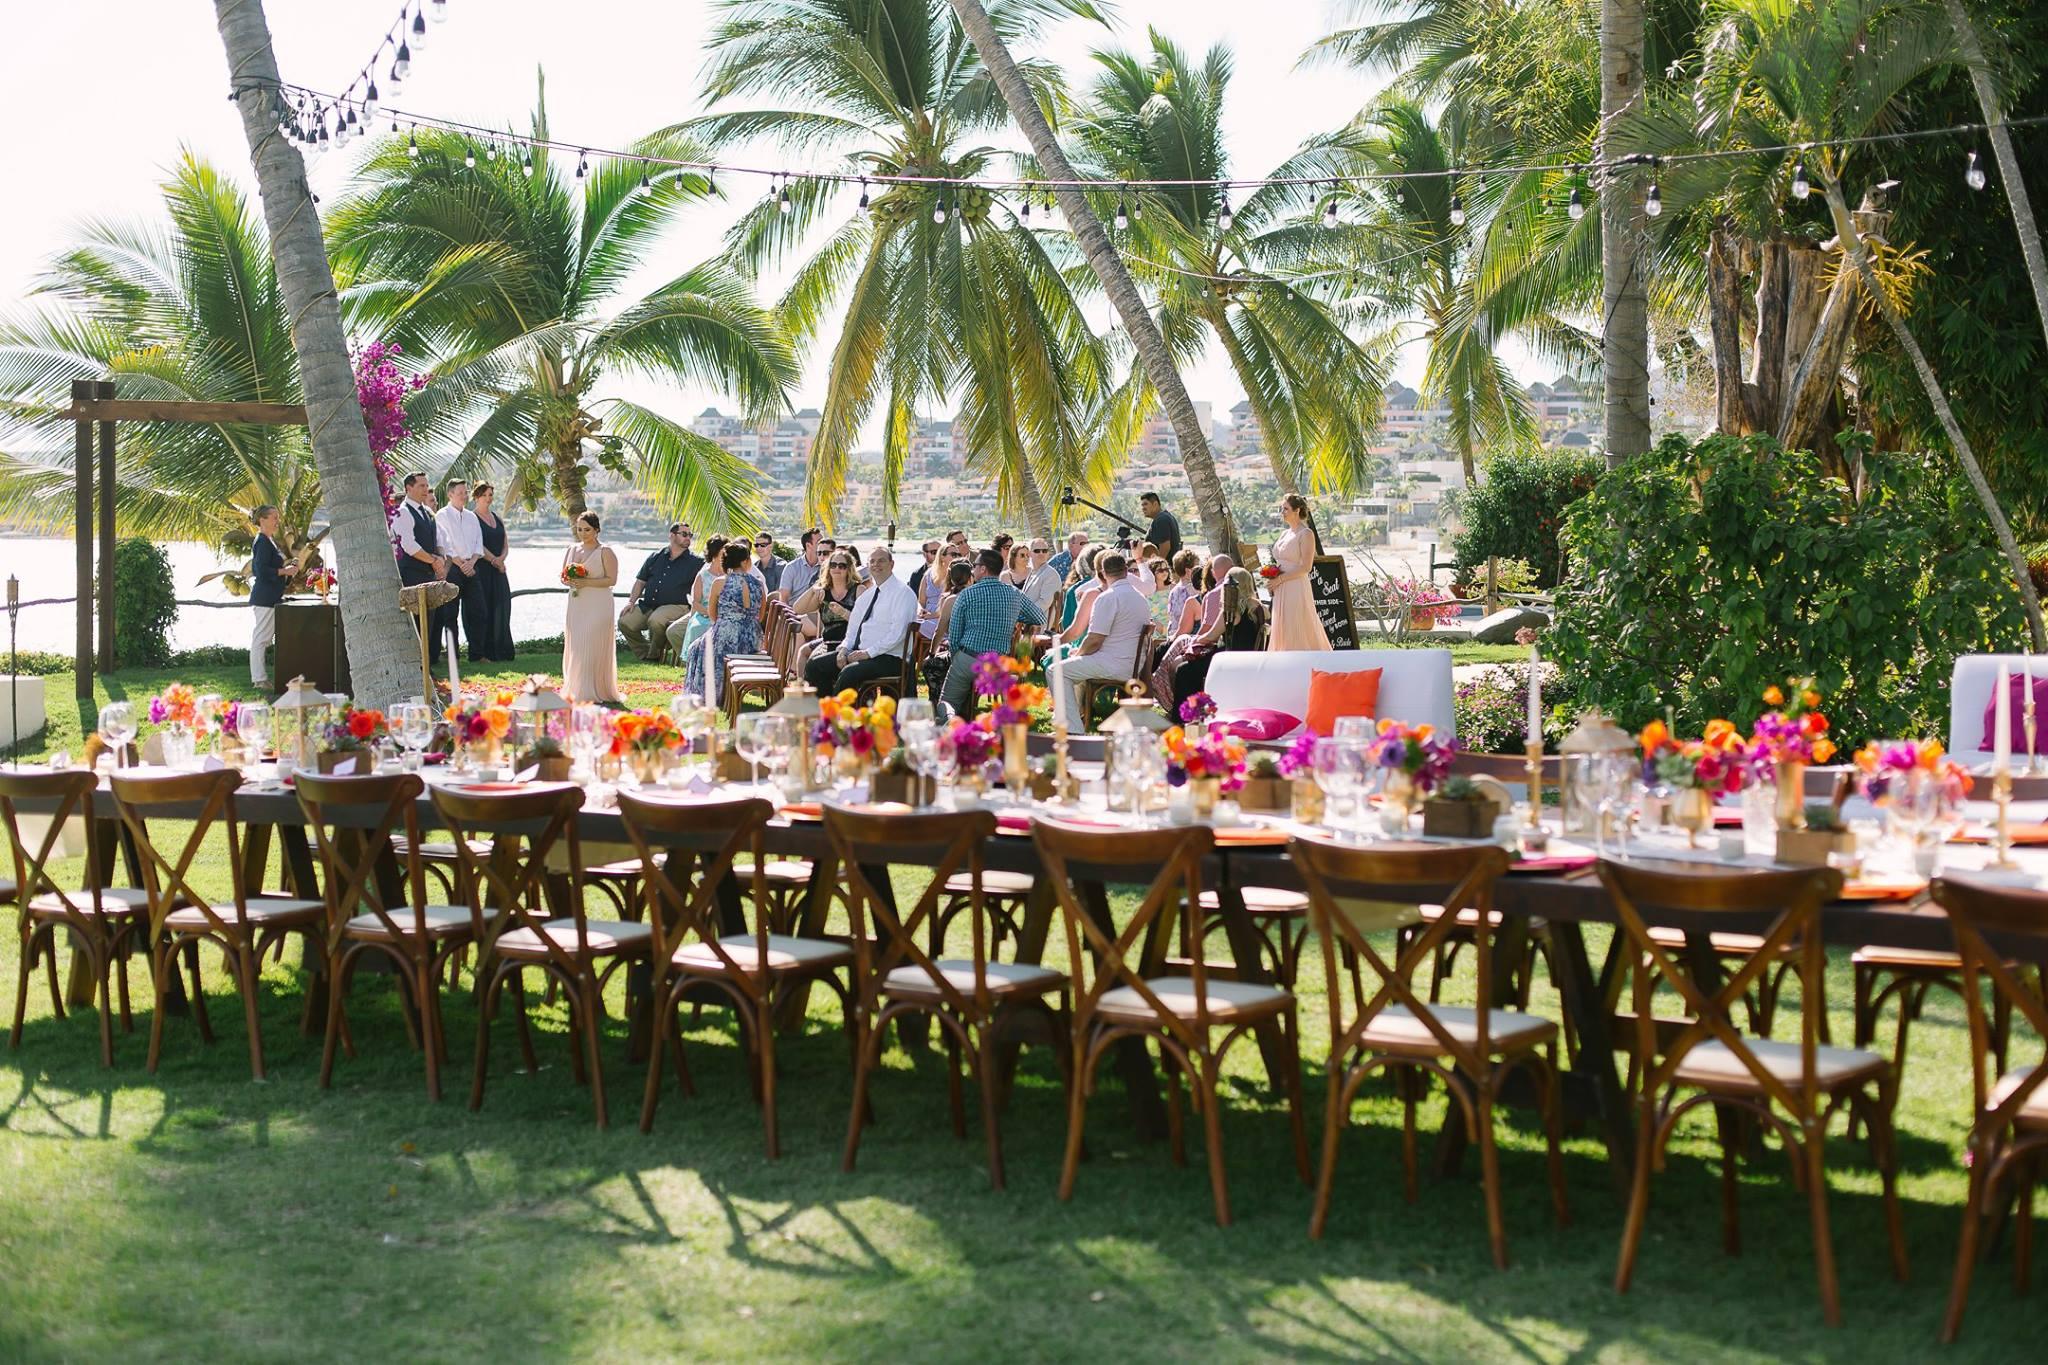 wedding bucerias martoca mexico destination wedding